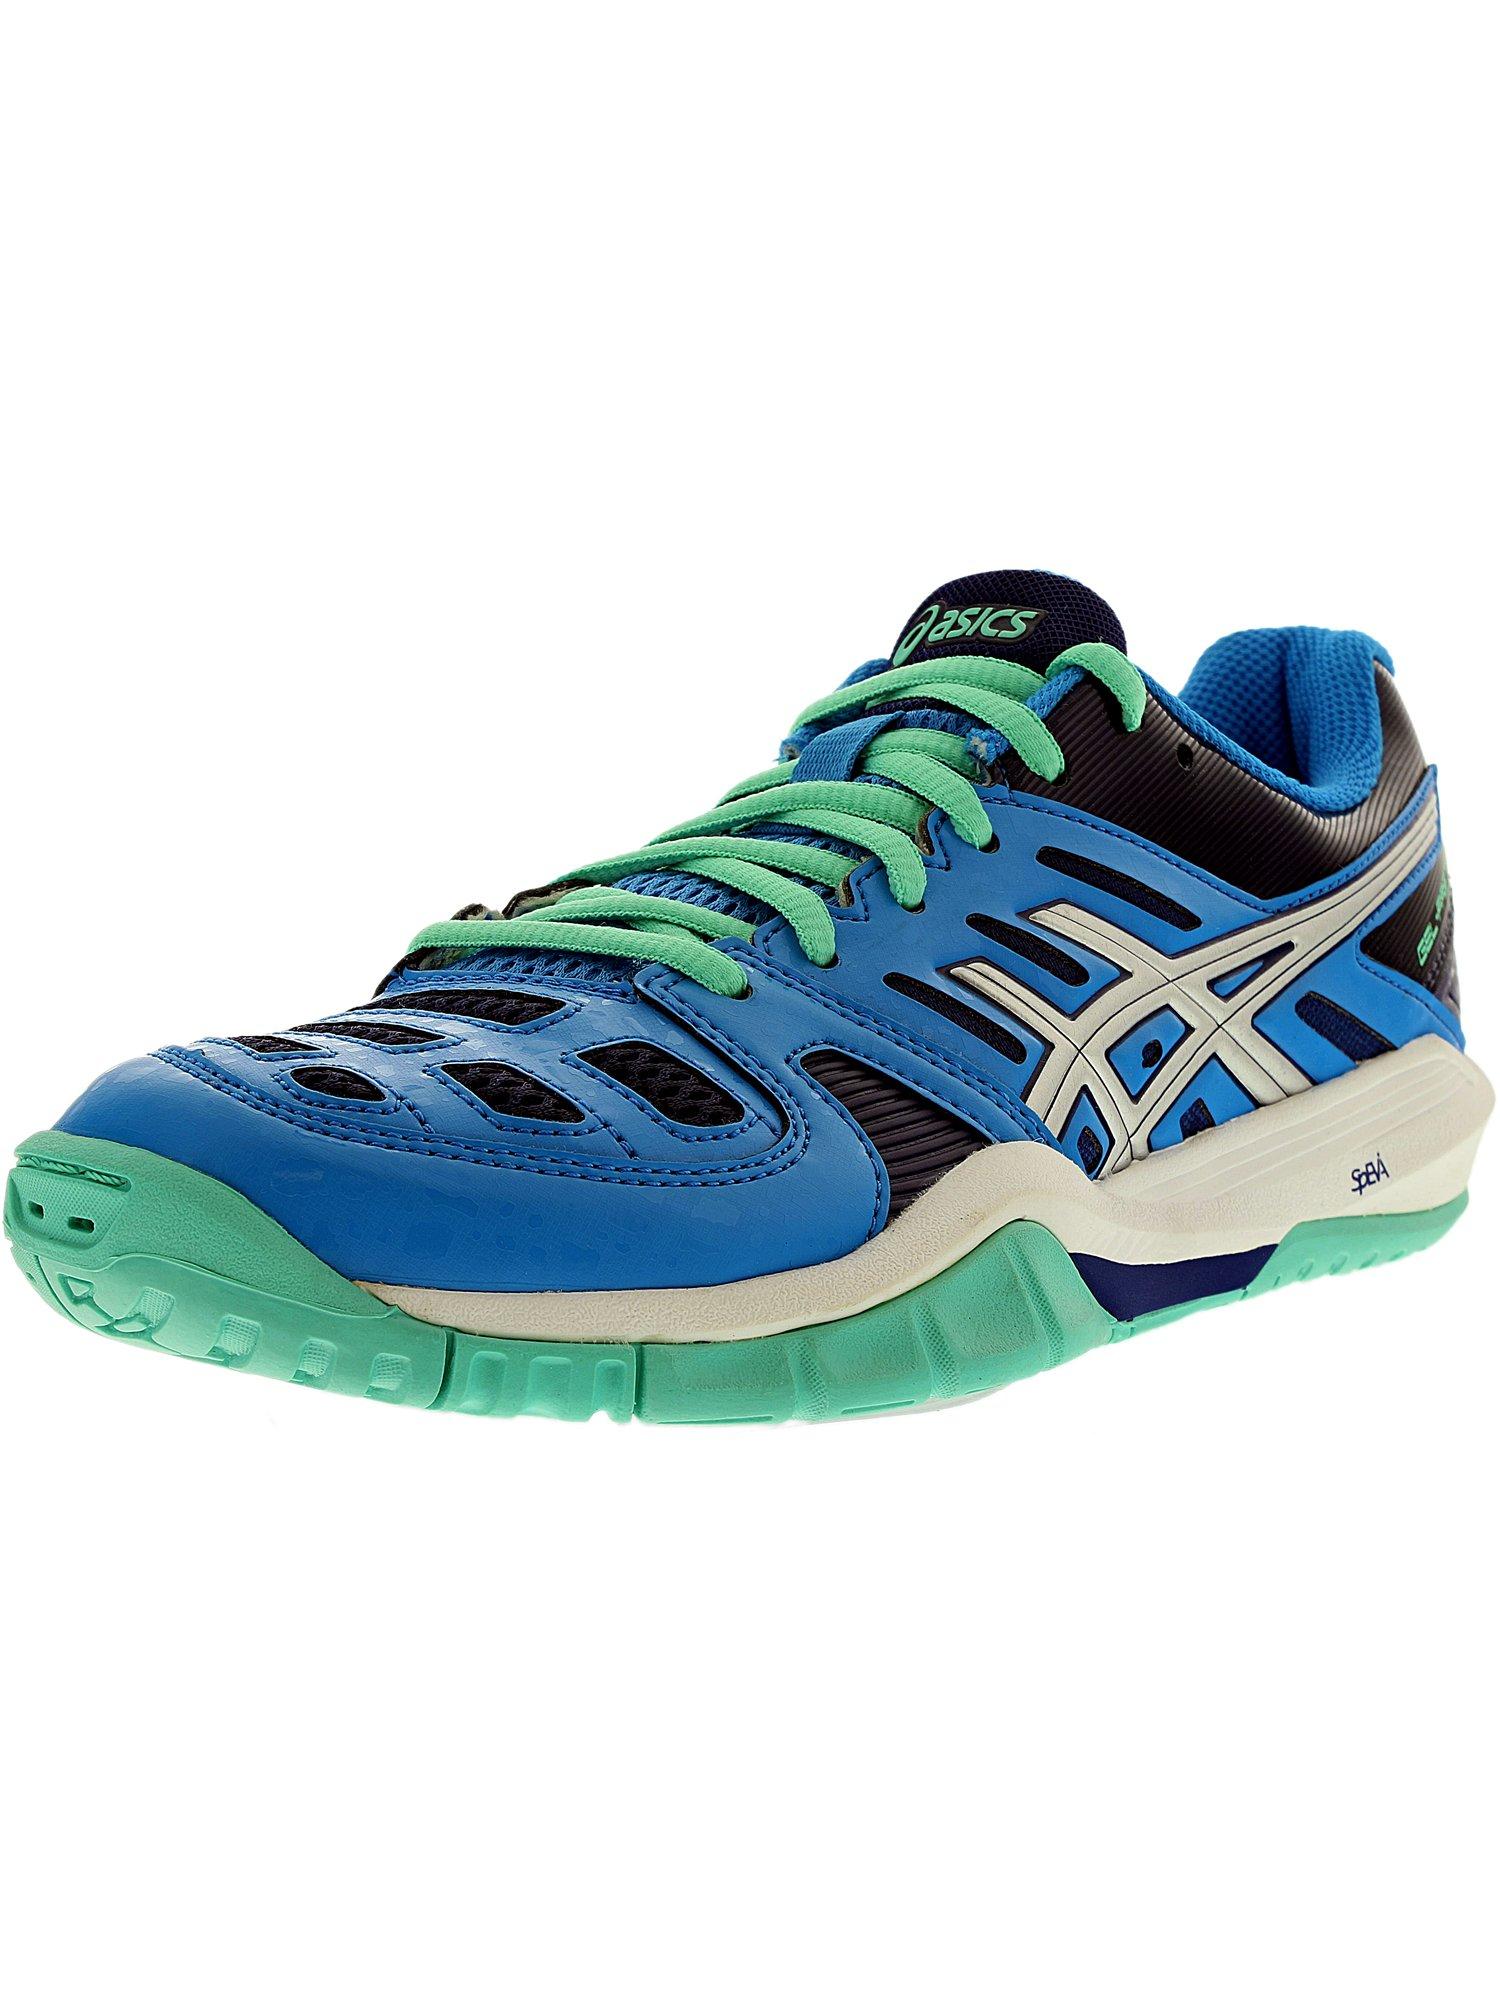 Asics Donna Gel Fastball altezza caviglia Scarpe da corsa